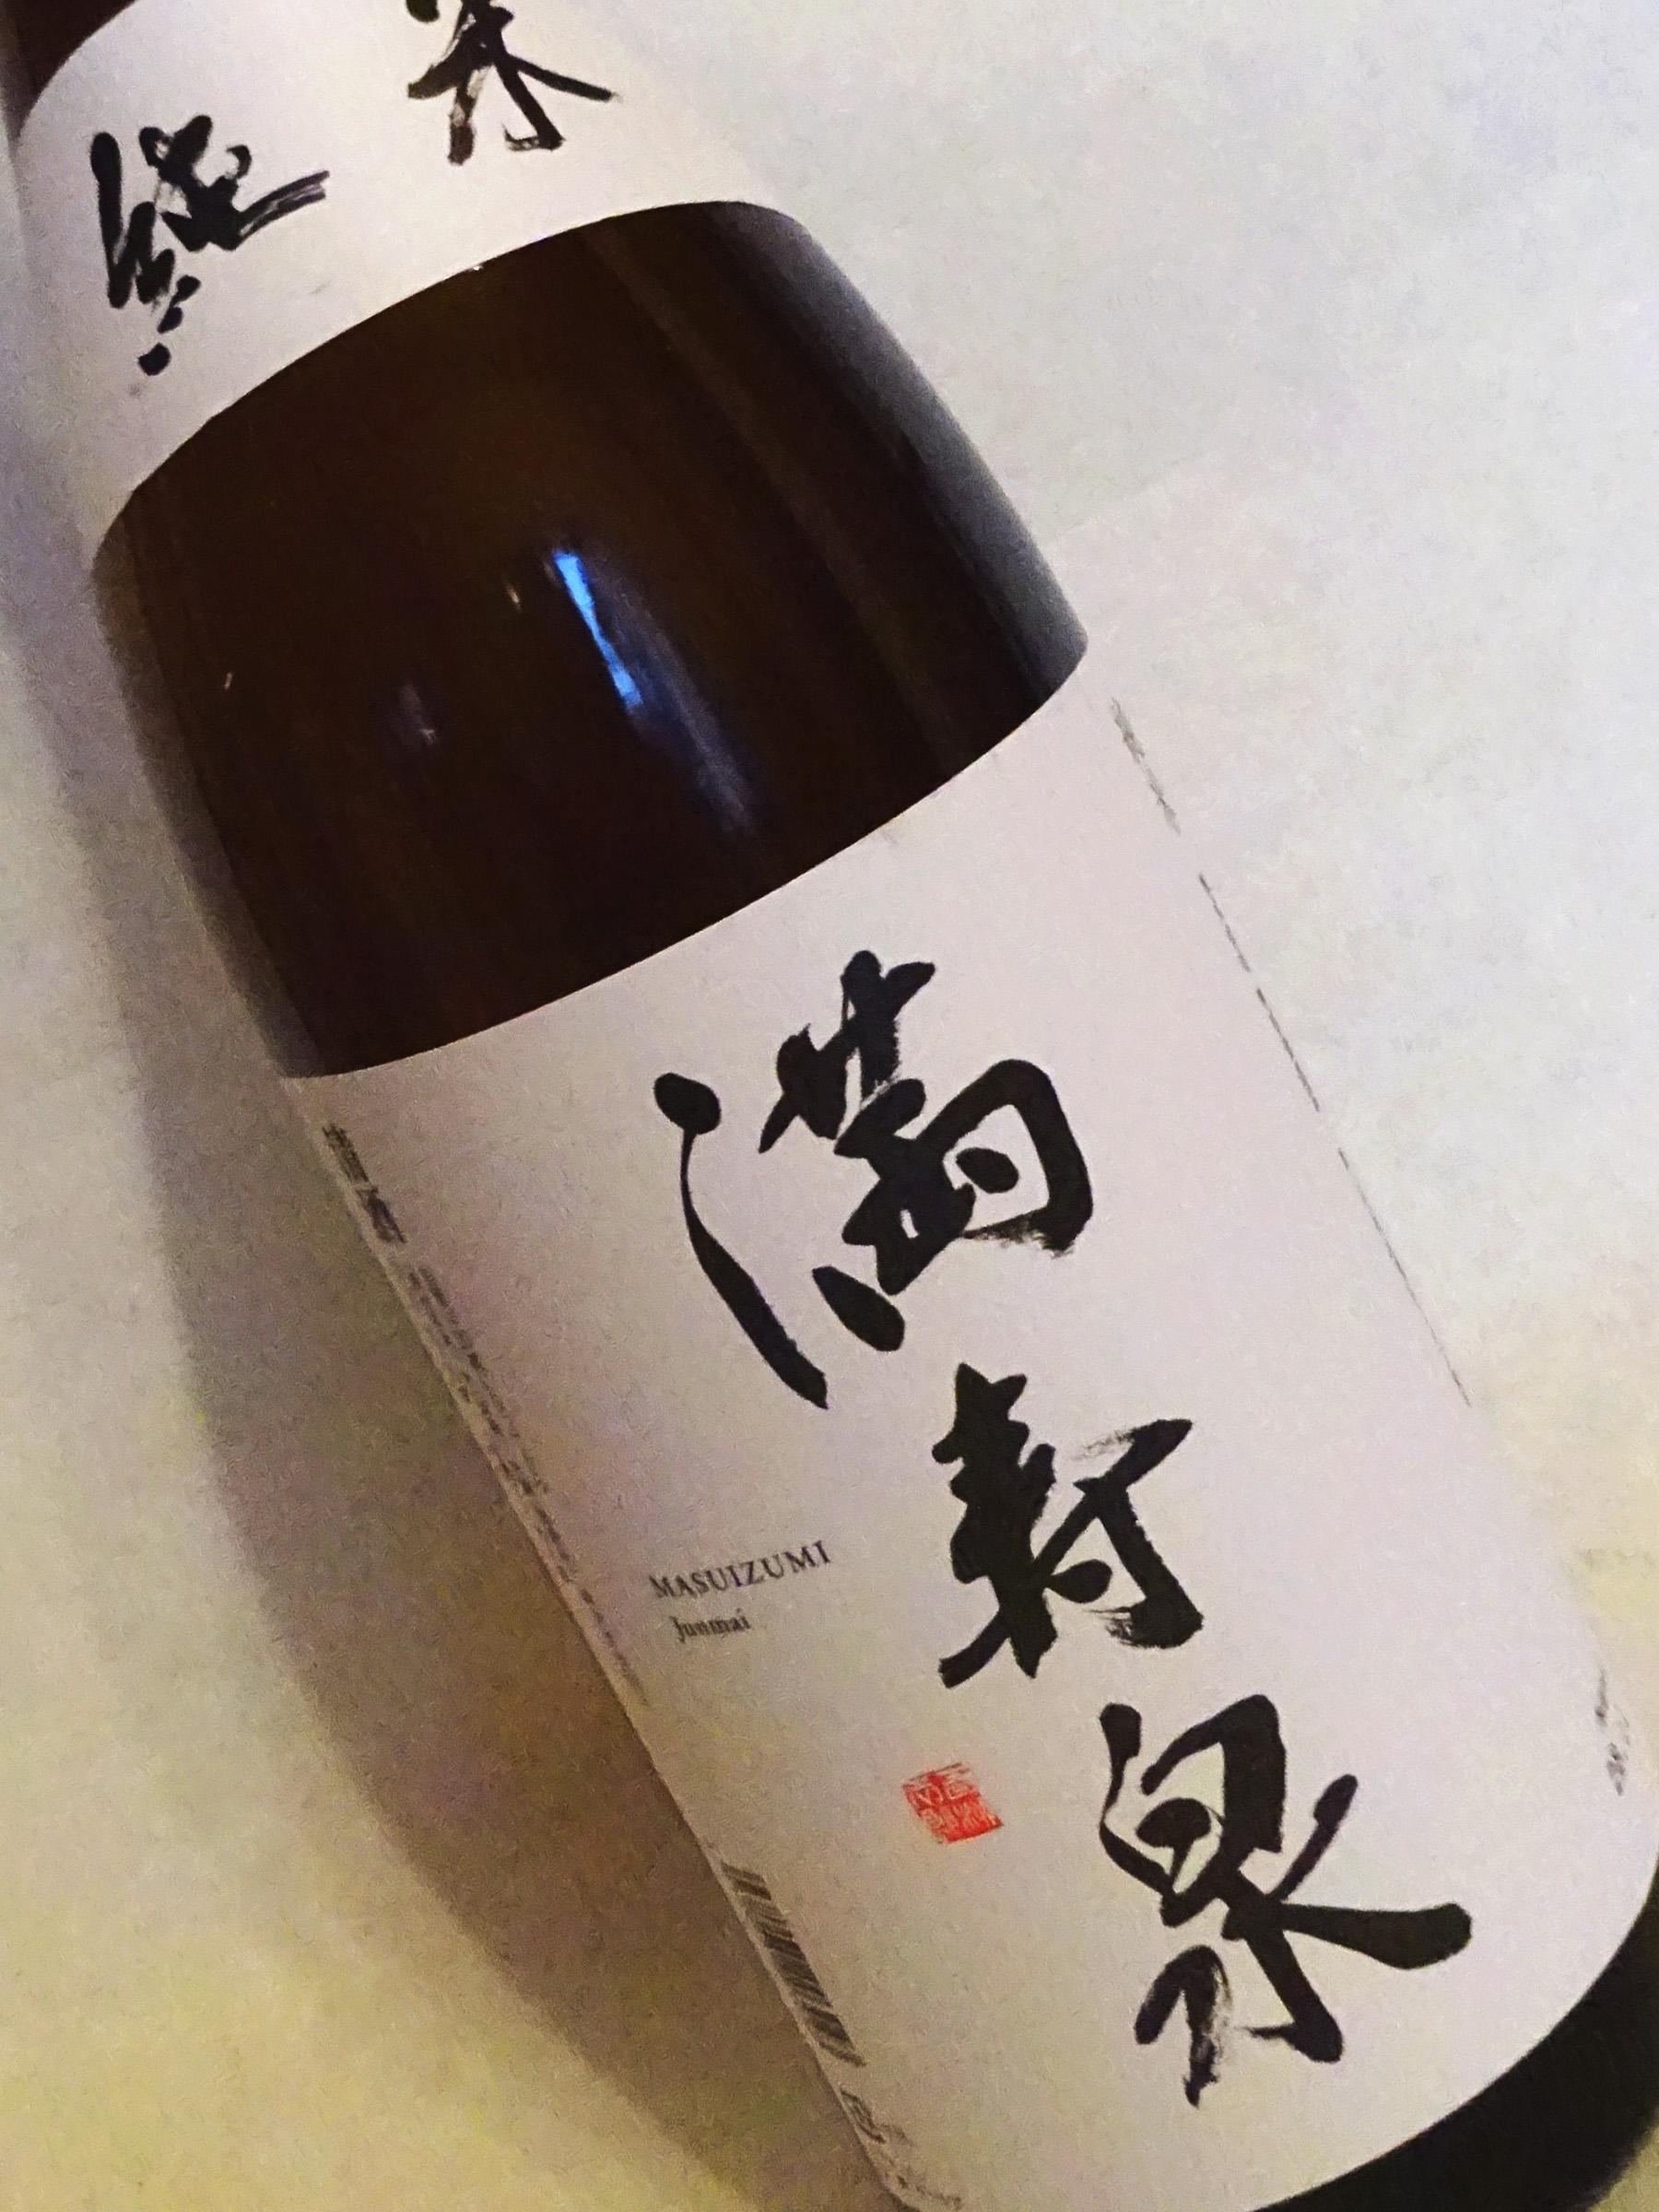 満寿泉 純米 1800ml